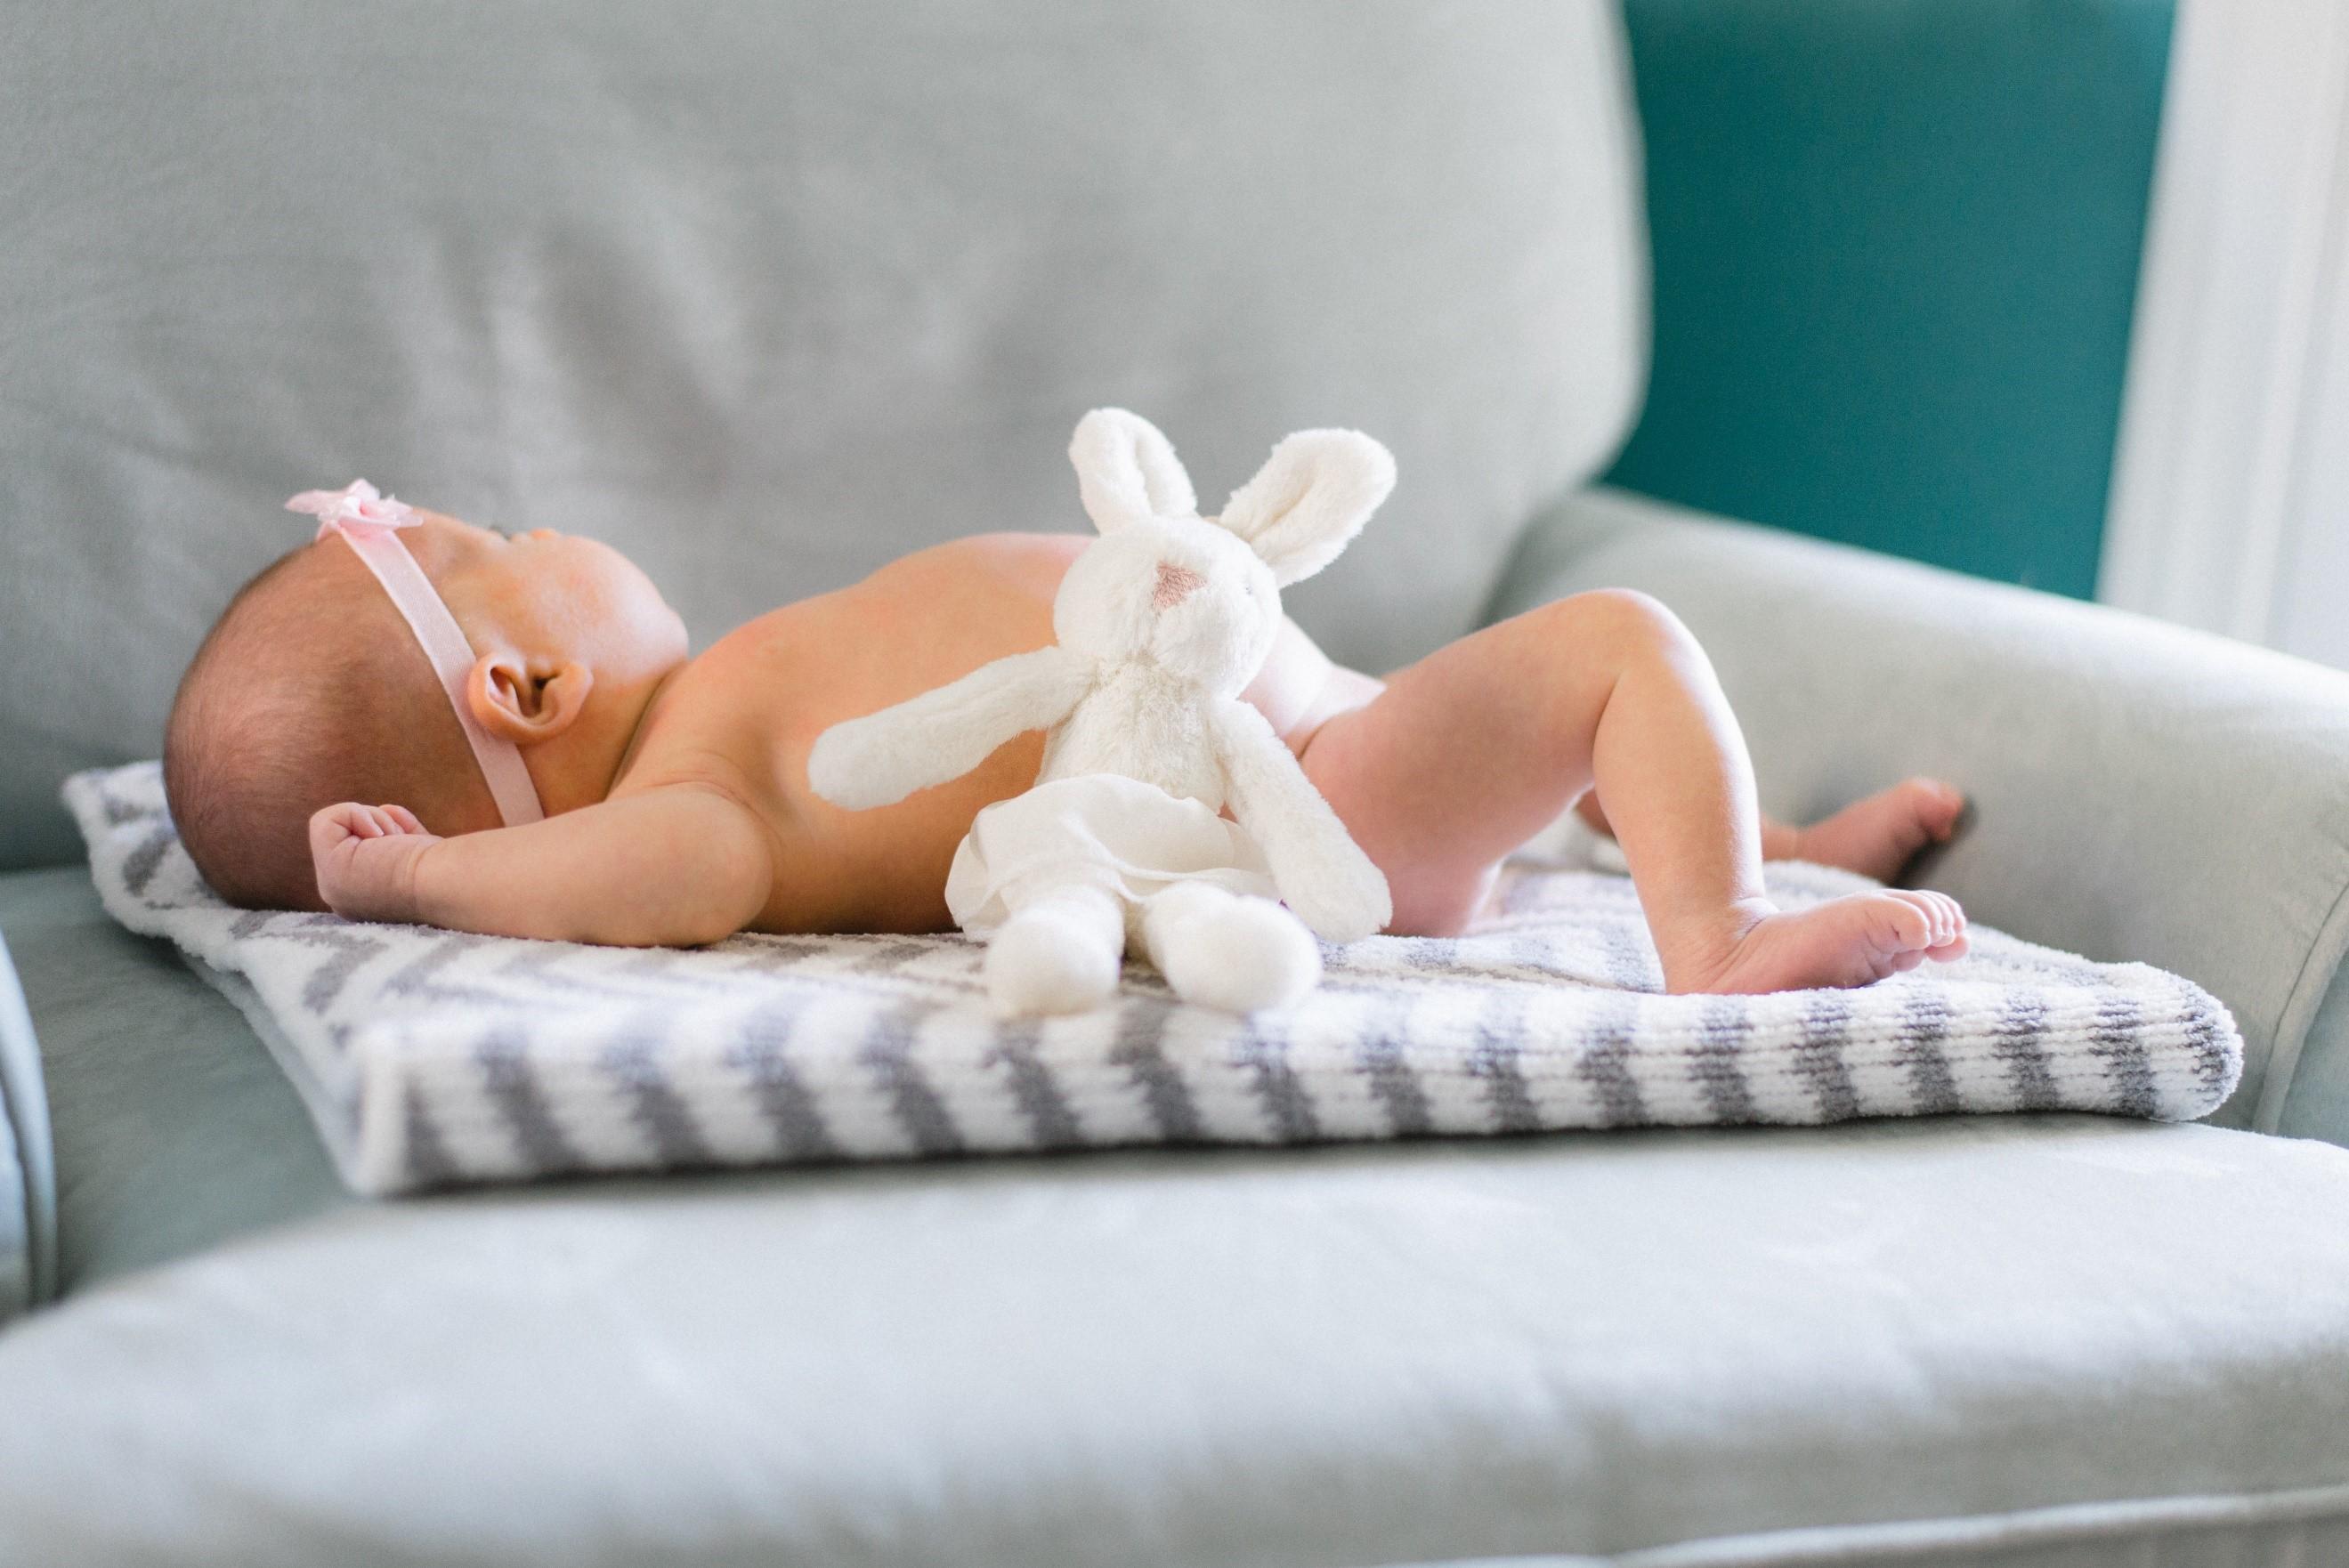 日本における出生前診断の現状とは?他国との比較や課題も交えて解説